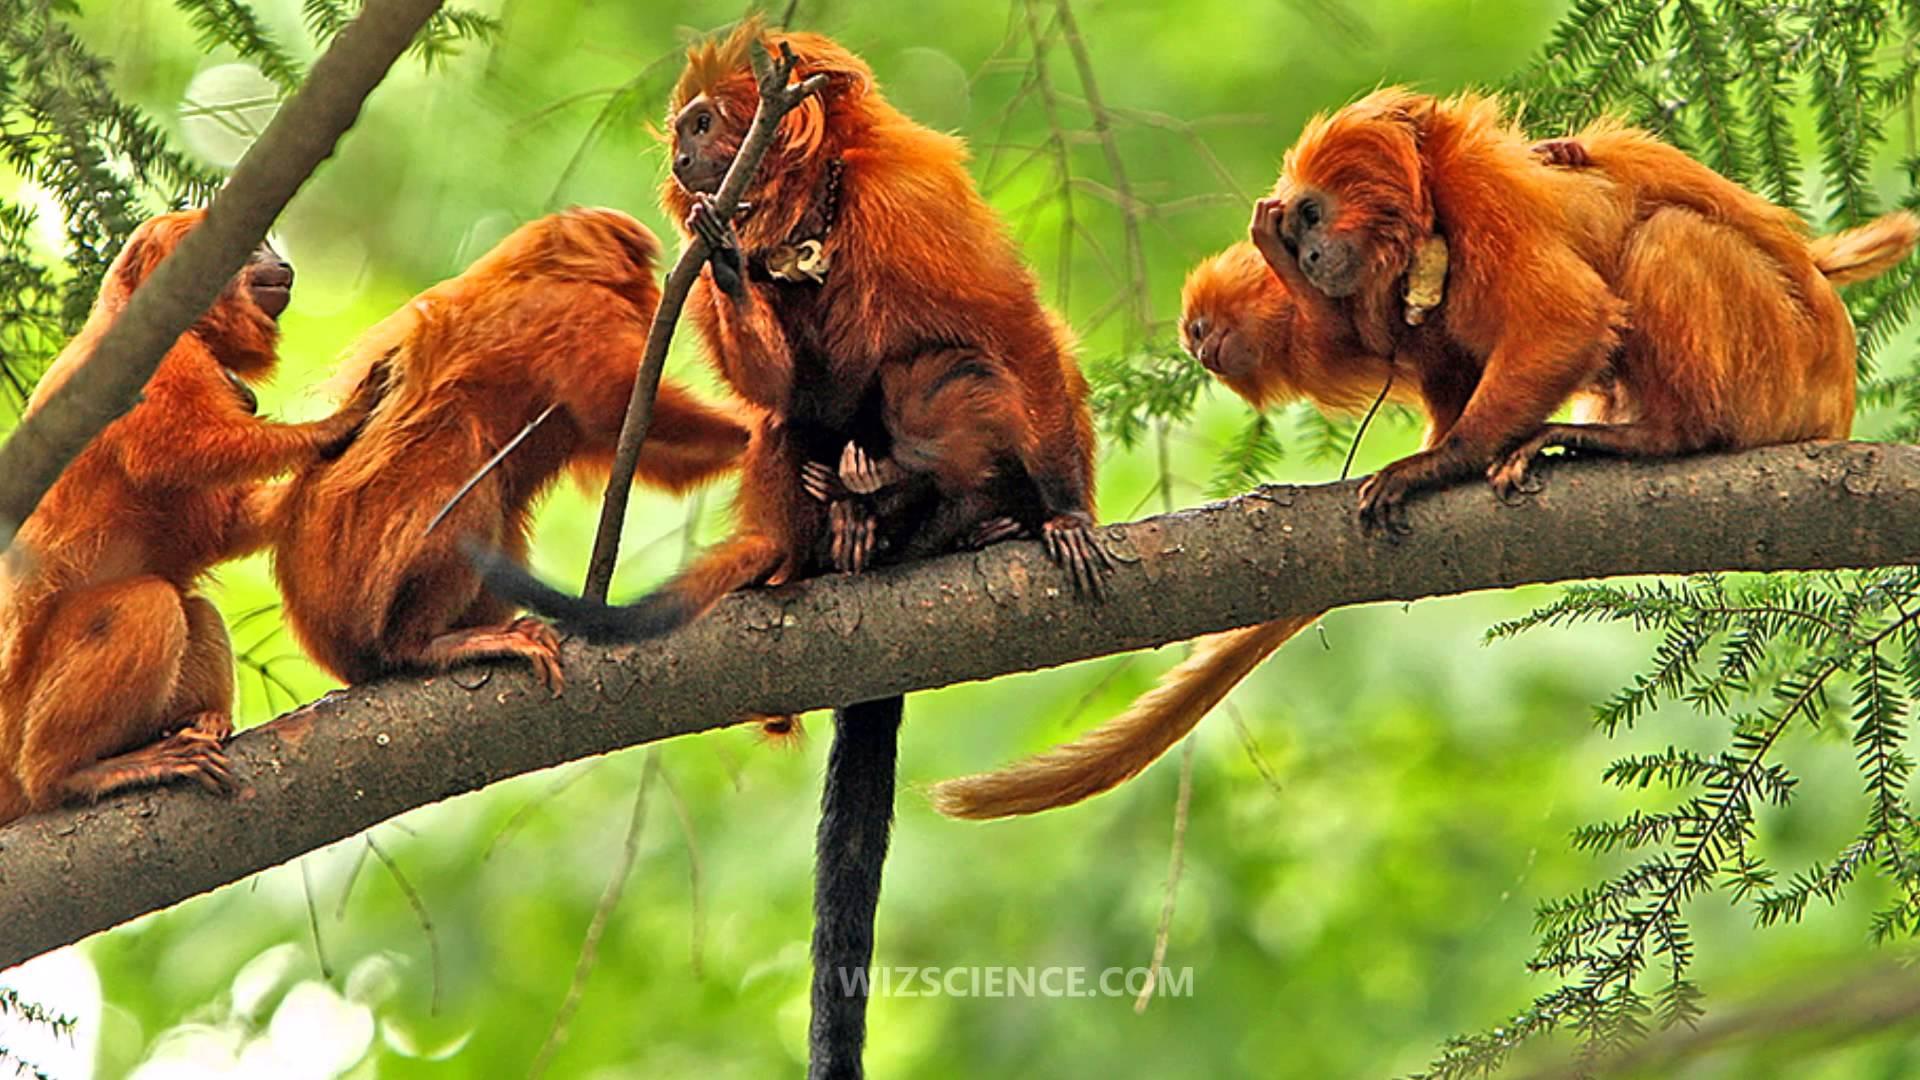 Tamarin Wallpaper Hd - Golden Lion Tamarin Group , HD Wallpaper & Backgrounds